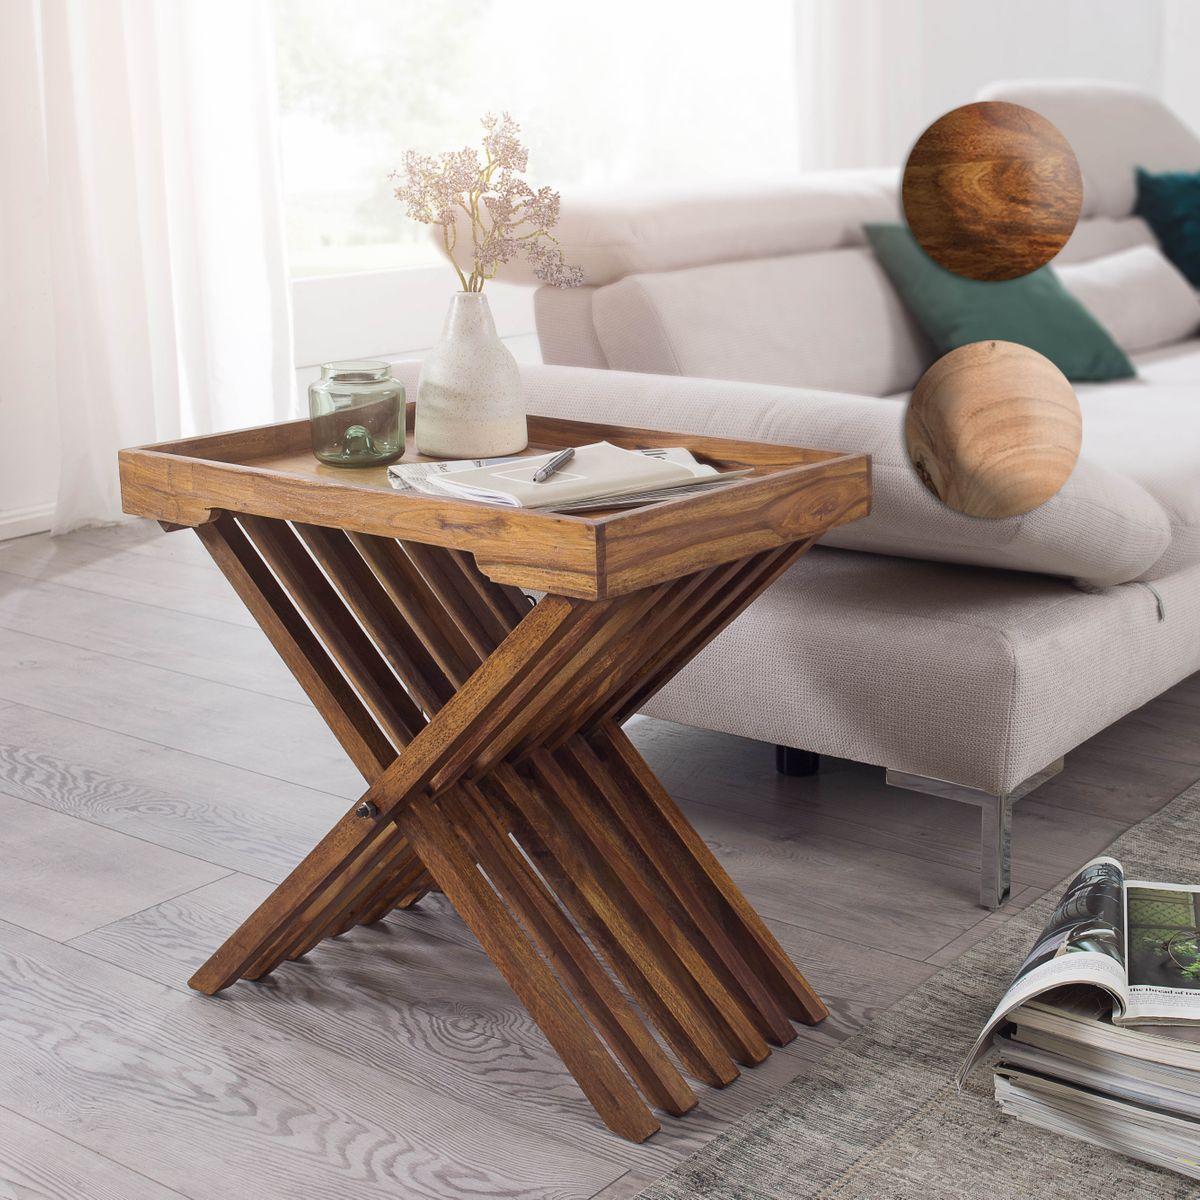 finebuy beistelltisch klappbar massiv holz couchtisch klapptisch tablett tisch ebay. Black Bedroom Furniture Sets. Home Design Ideas